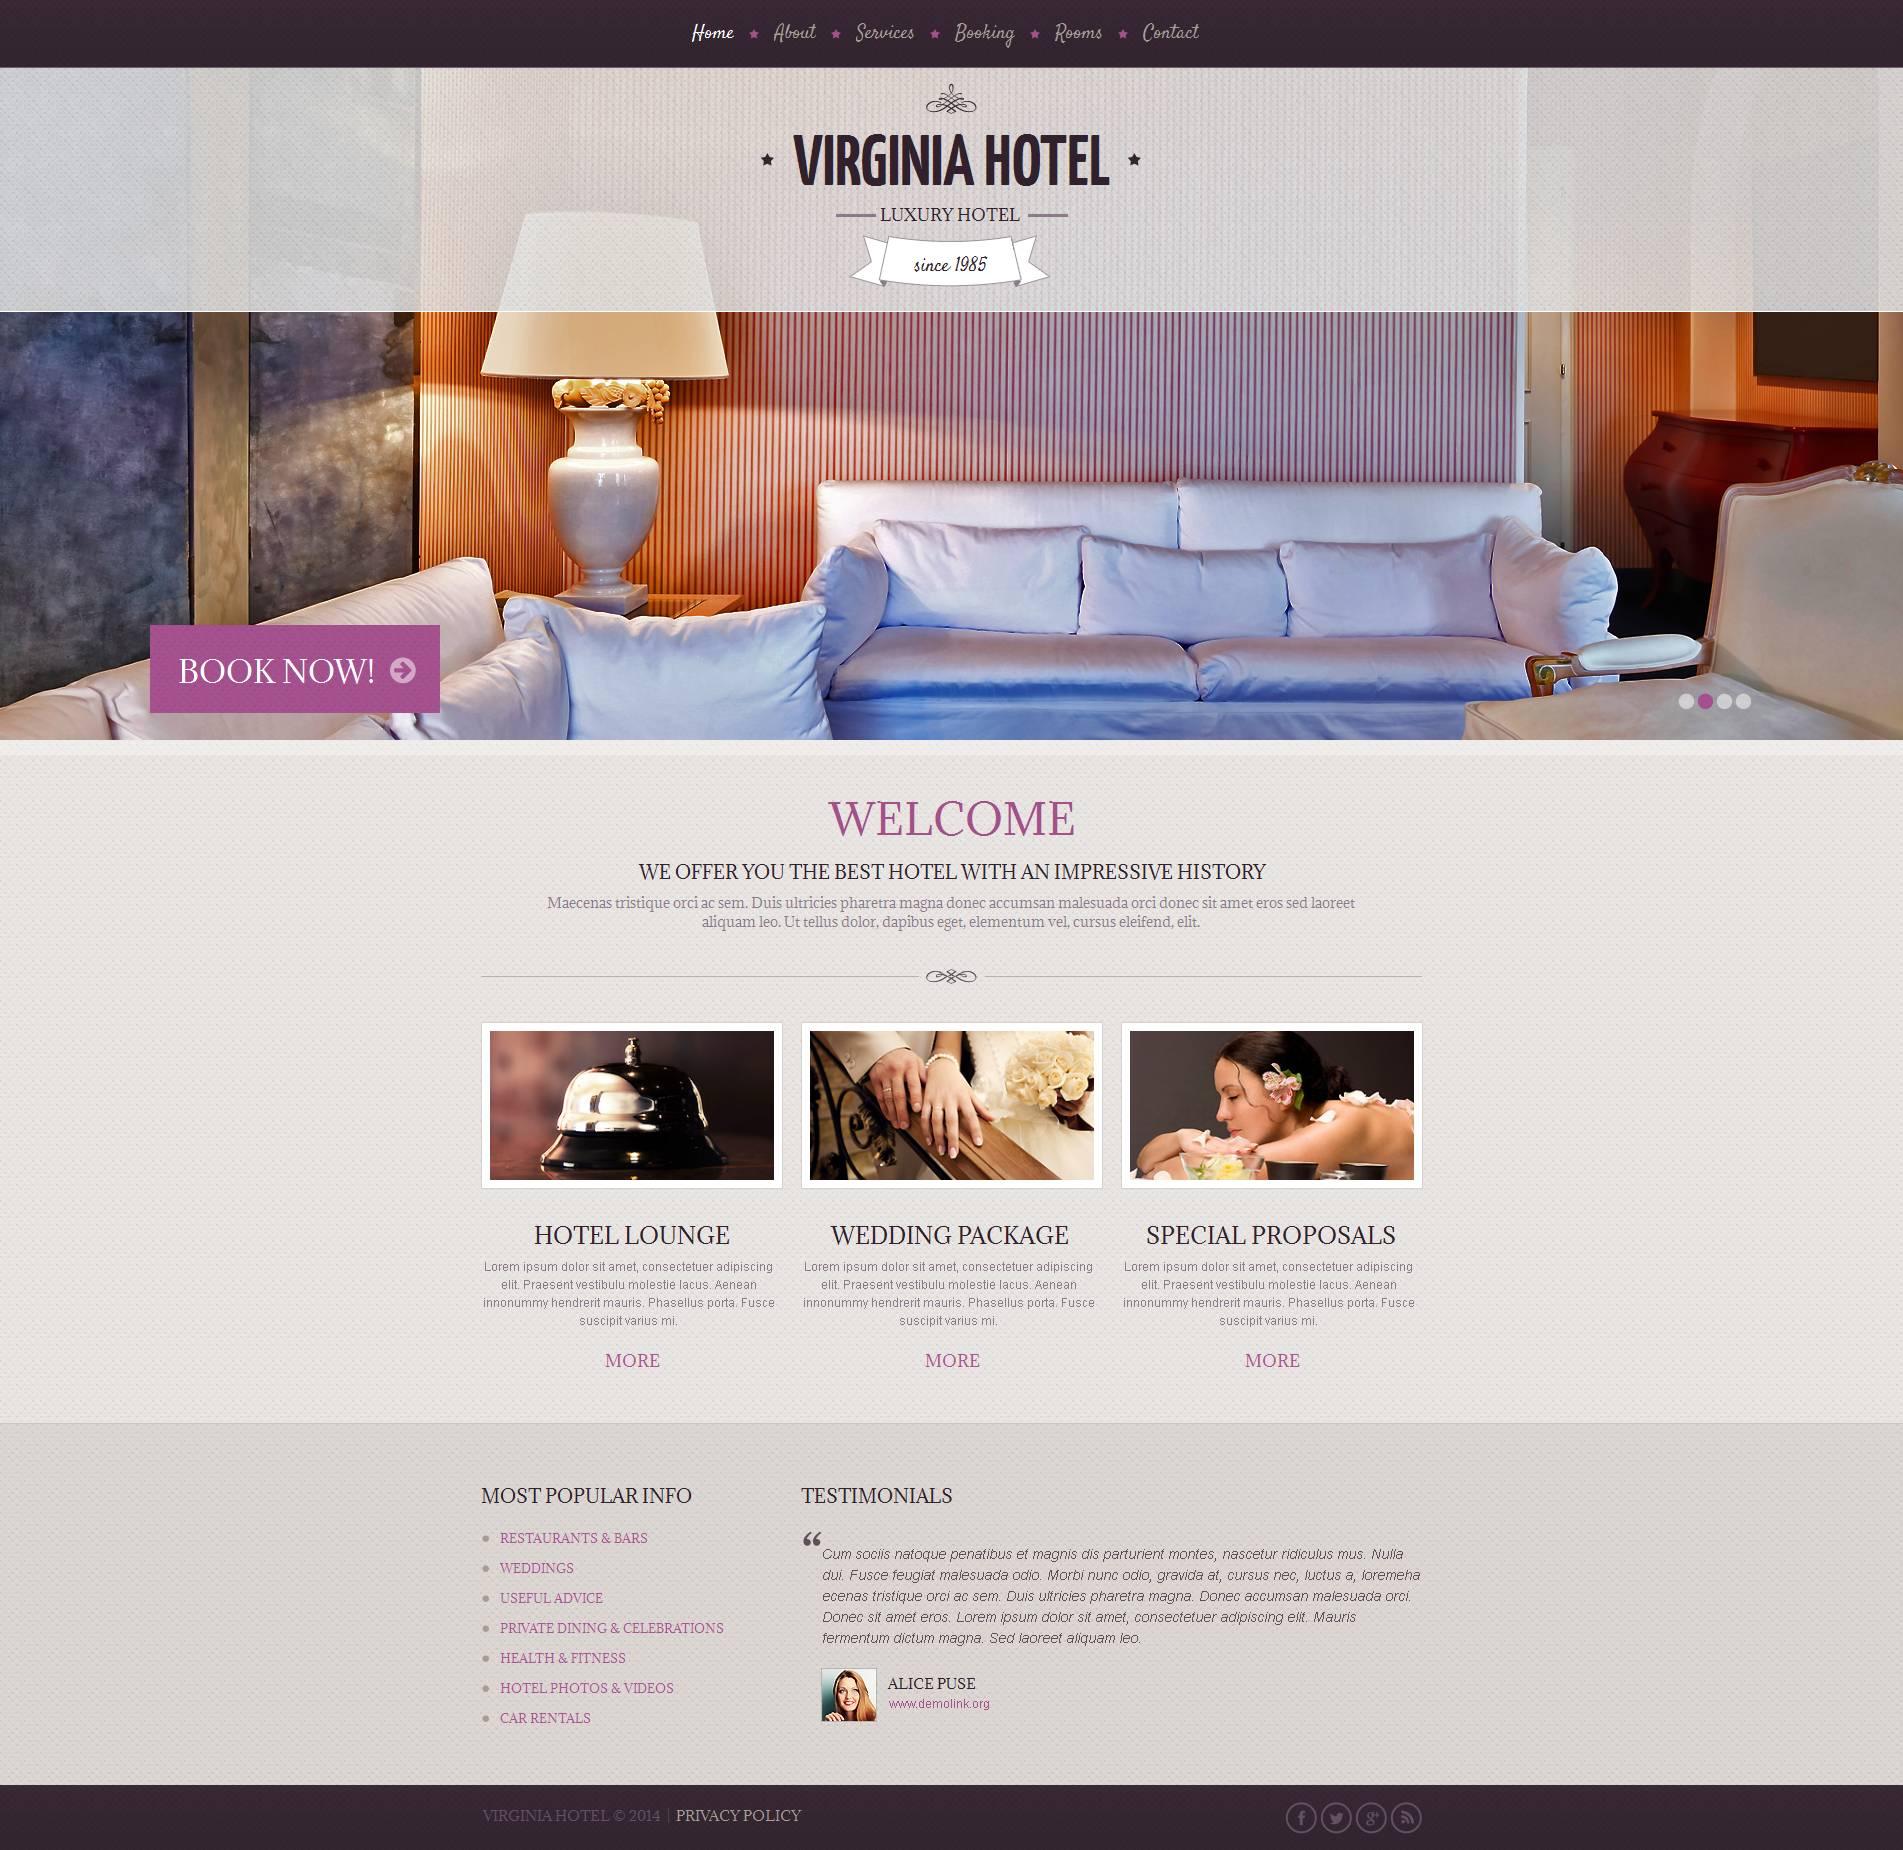 Modèle Moto CMS HTML Premium pour site d'hôtel #48381